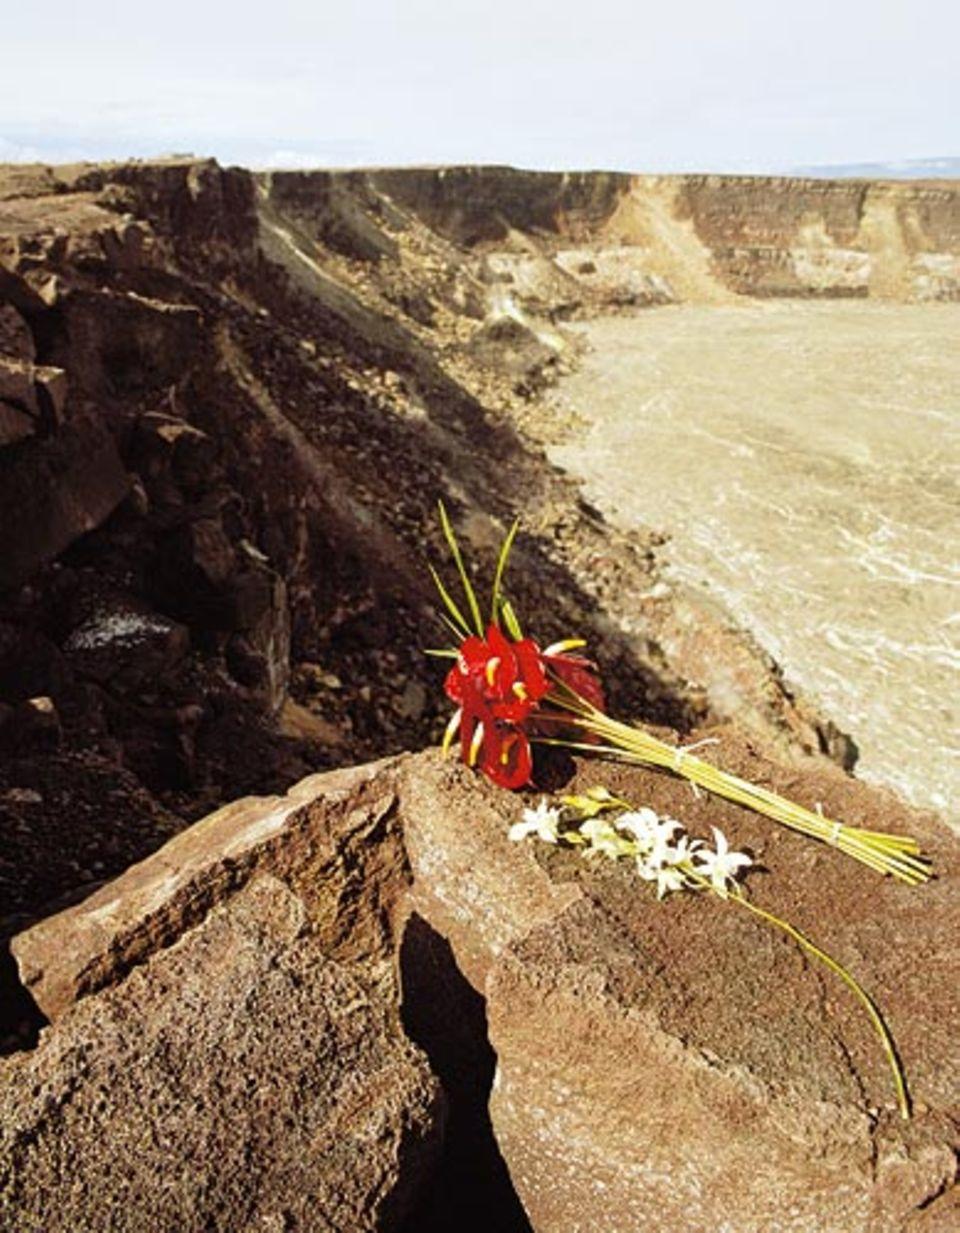 Am Halema'uma'u-Krater auf Big Island liegen auf erstarrter Lava Opfergaben für die Vulkangöttin